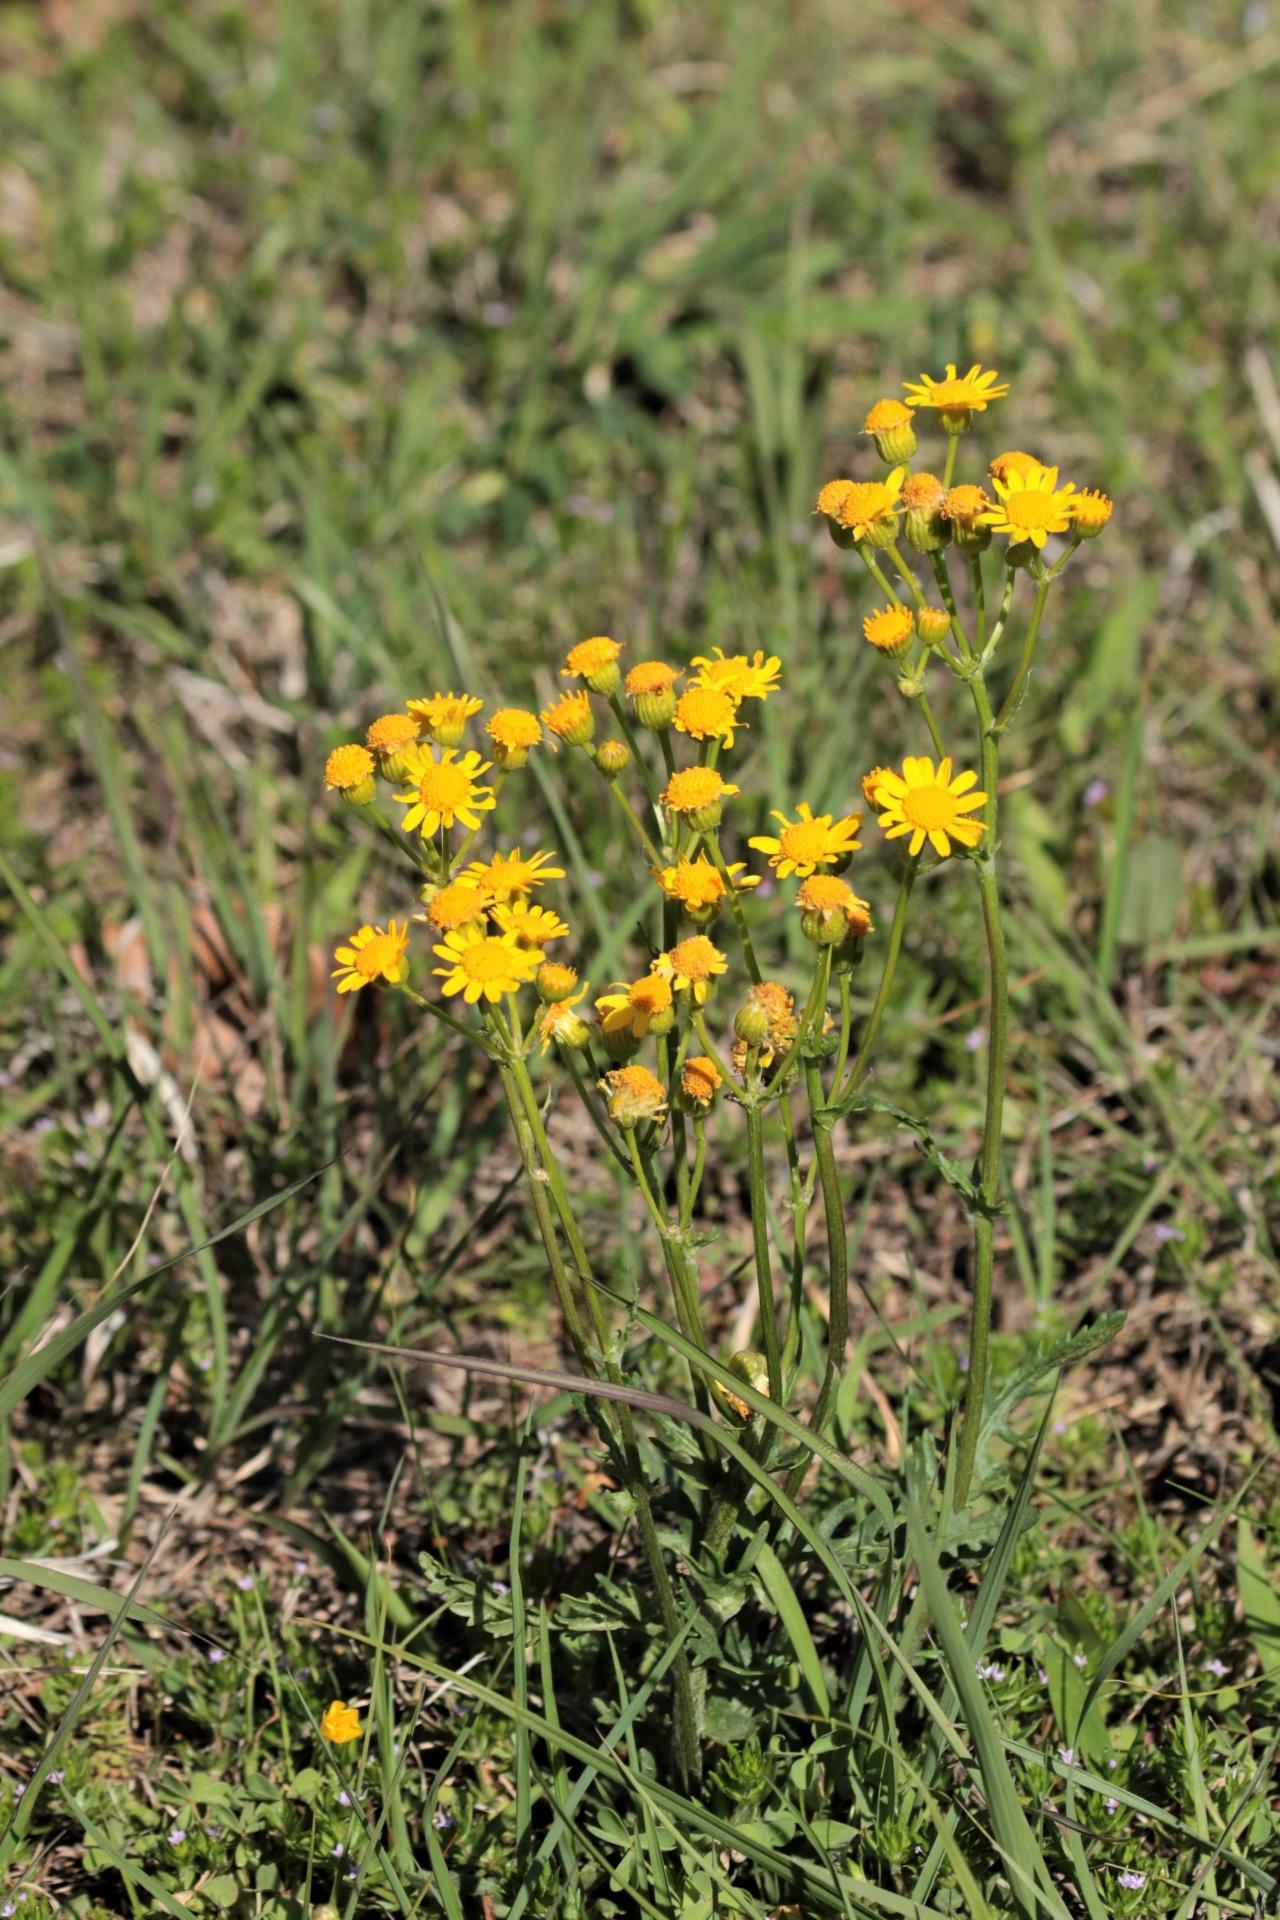 Natureplantsflowersyellownbspflowerswildflowers Free Photo